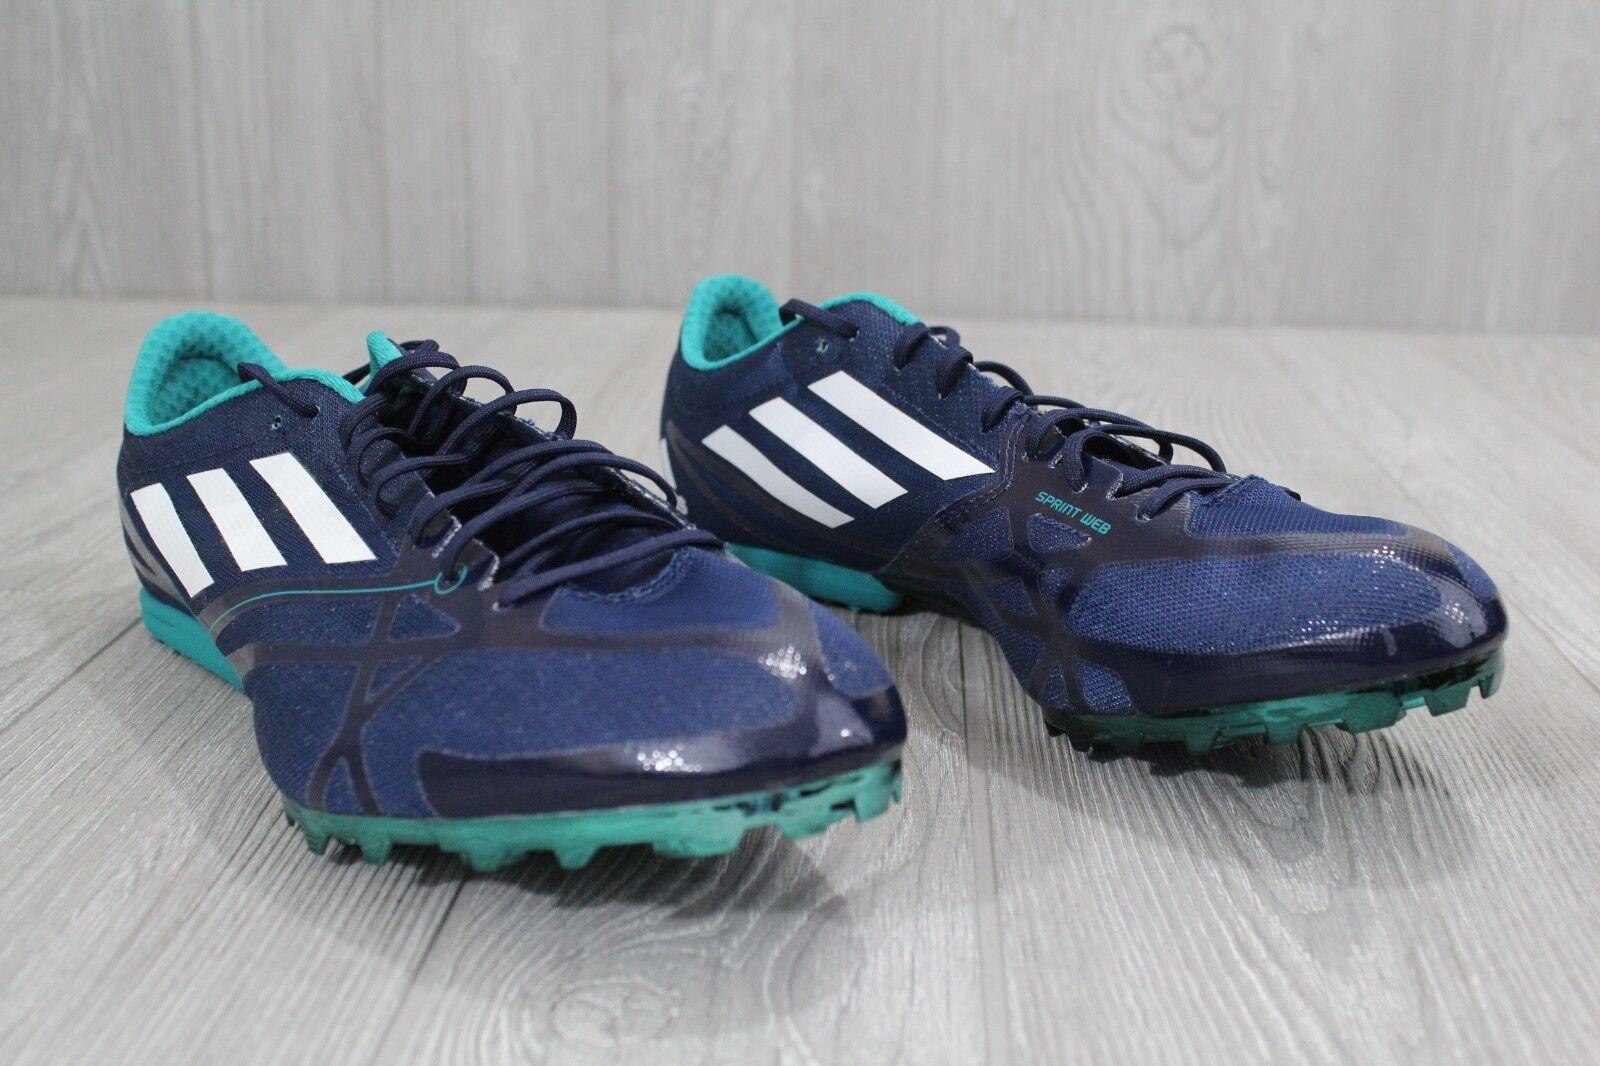 25 neue männer adidas md spikes 2 blau mitten track spikes md größen 5-aq3094 0c5157